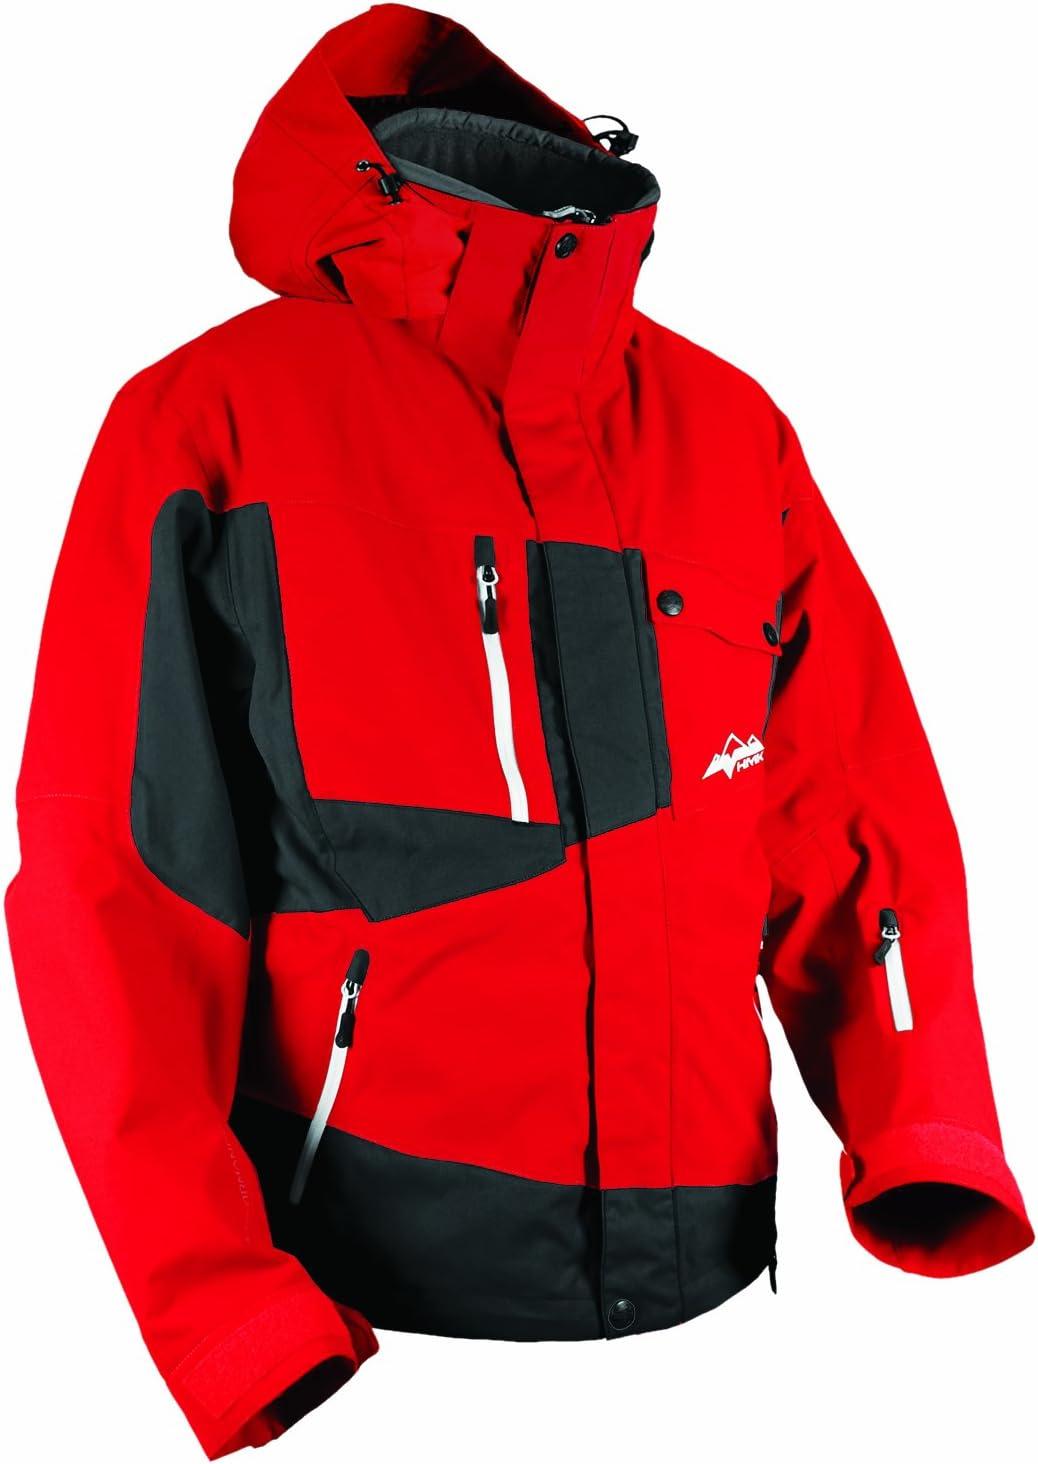 Black, Medium HMK Mens Peak 2 Jacket